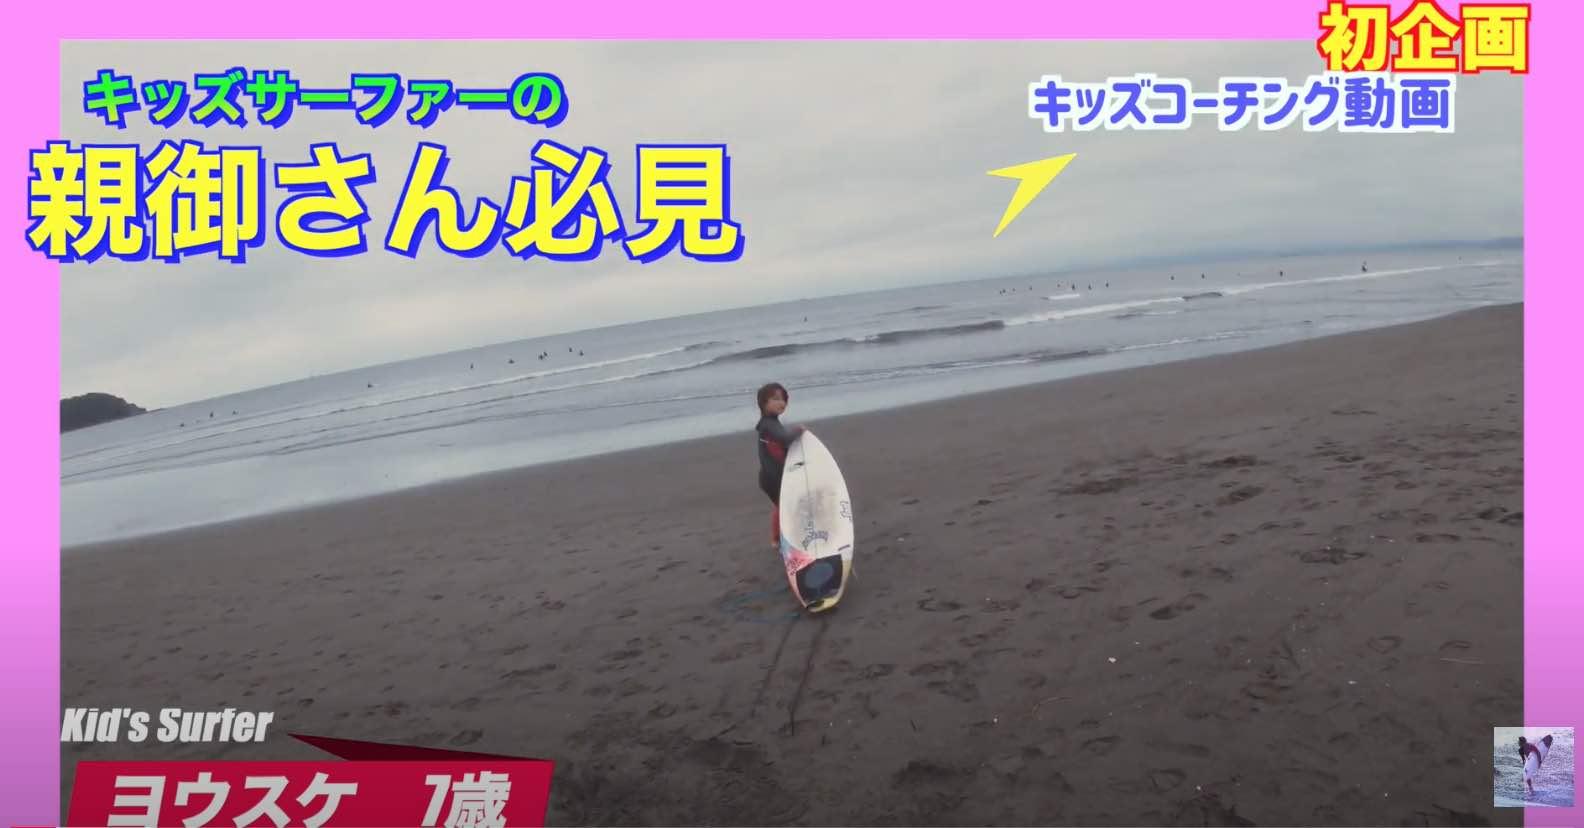 【How to】親サーファー必見! プッシュサーフィンの正しいやり方から何から何まで! 河村海沙が最近教えている7歳と9歳のキッズサーファーたちのスペシャルレッスン内容公開!